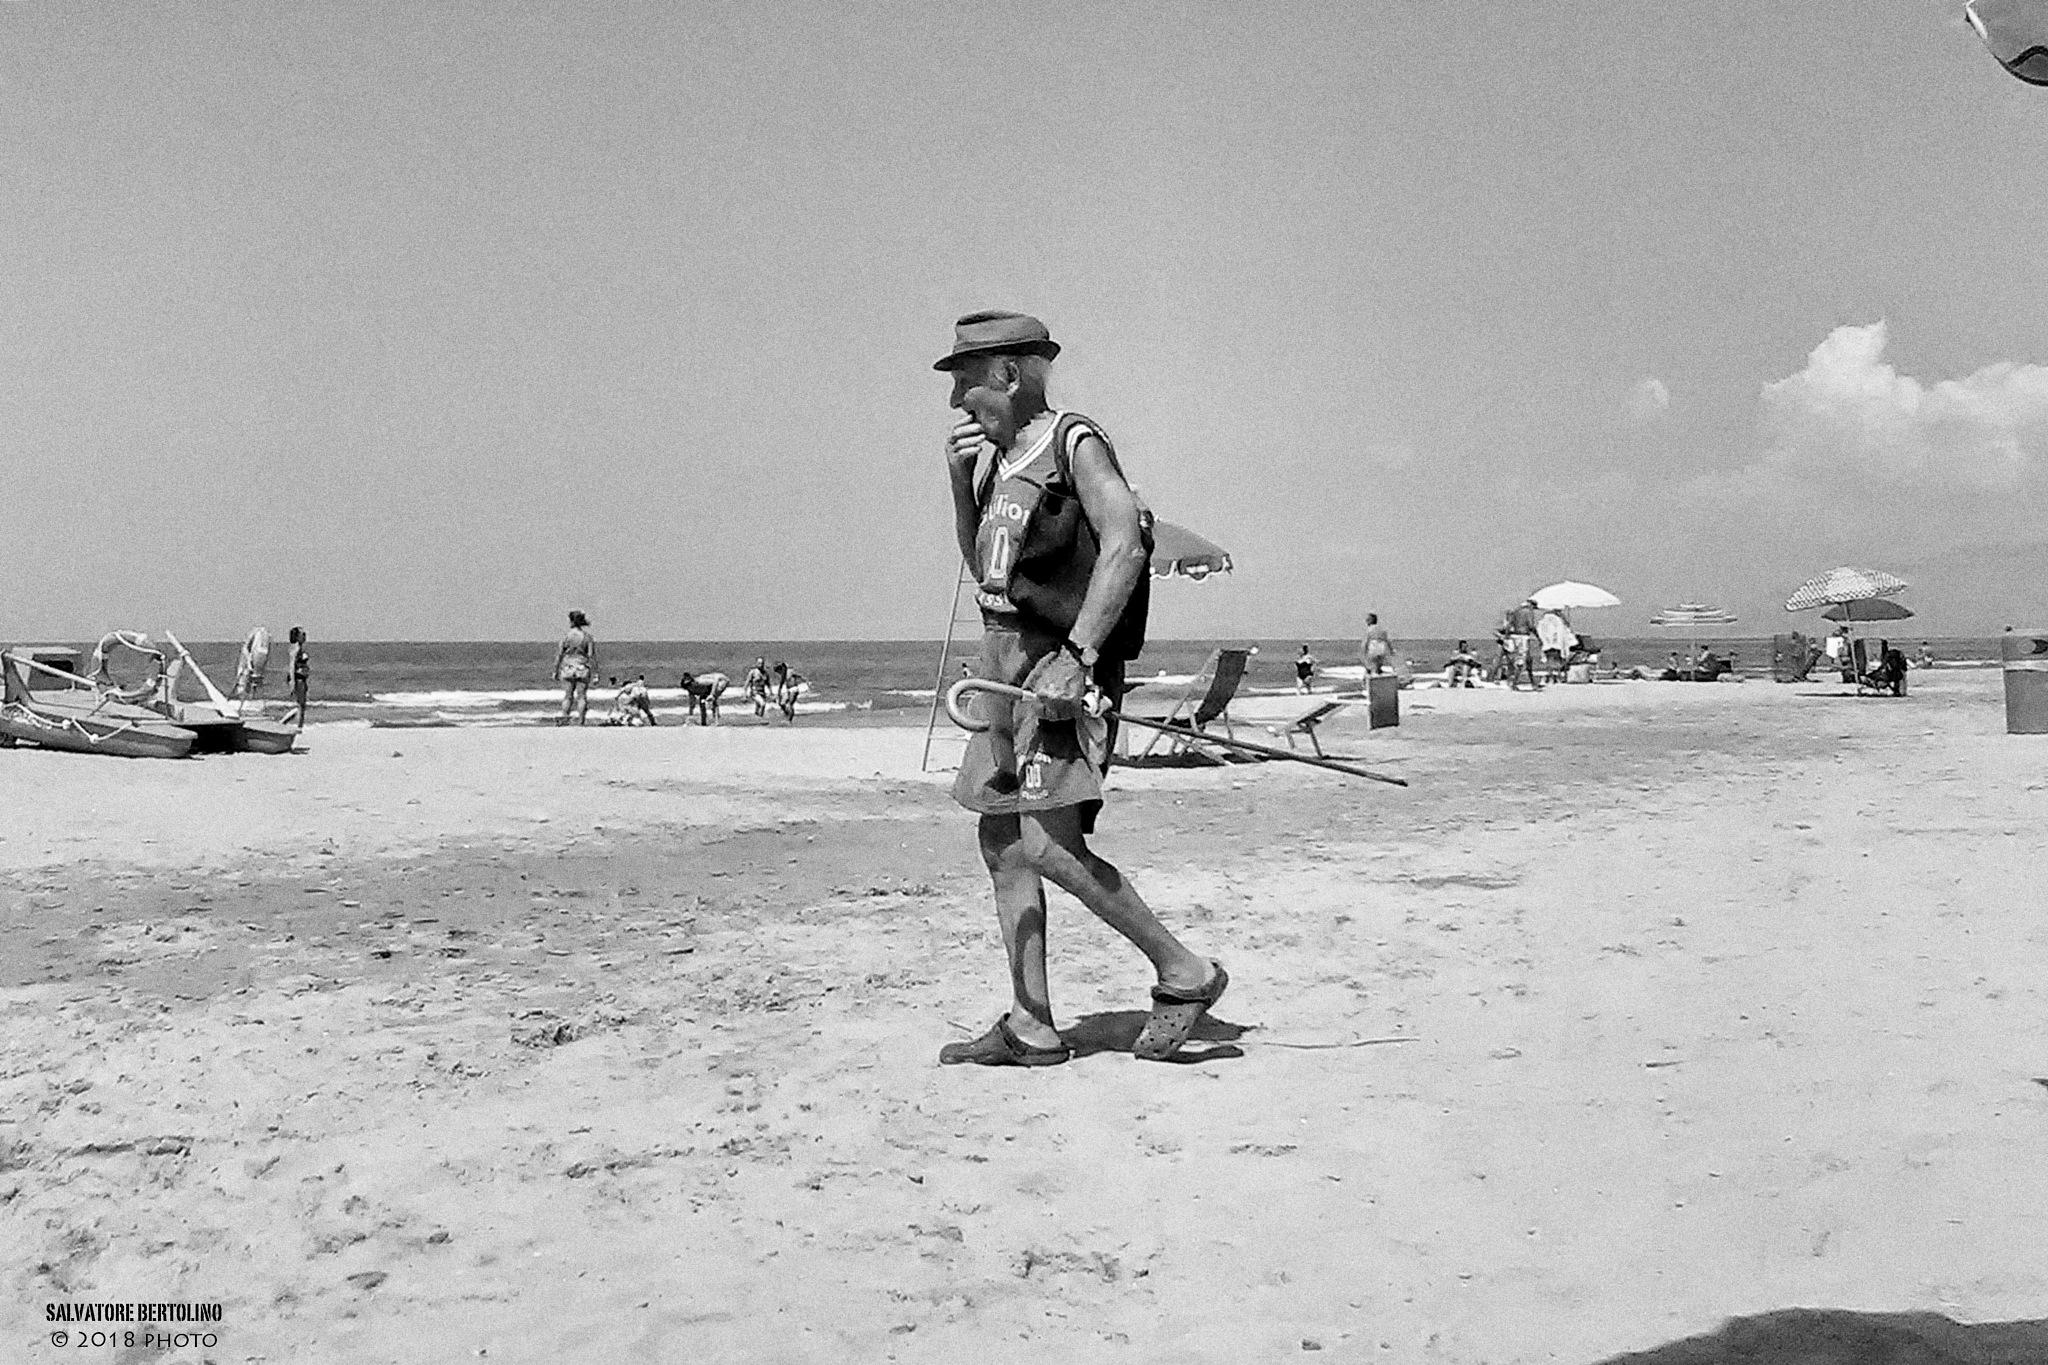 Spiaggia by Salvatore Bertolino